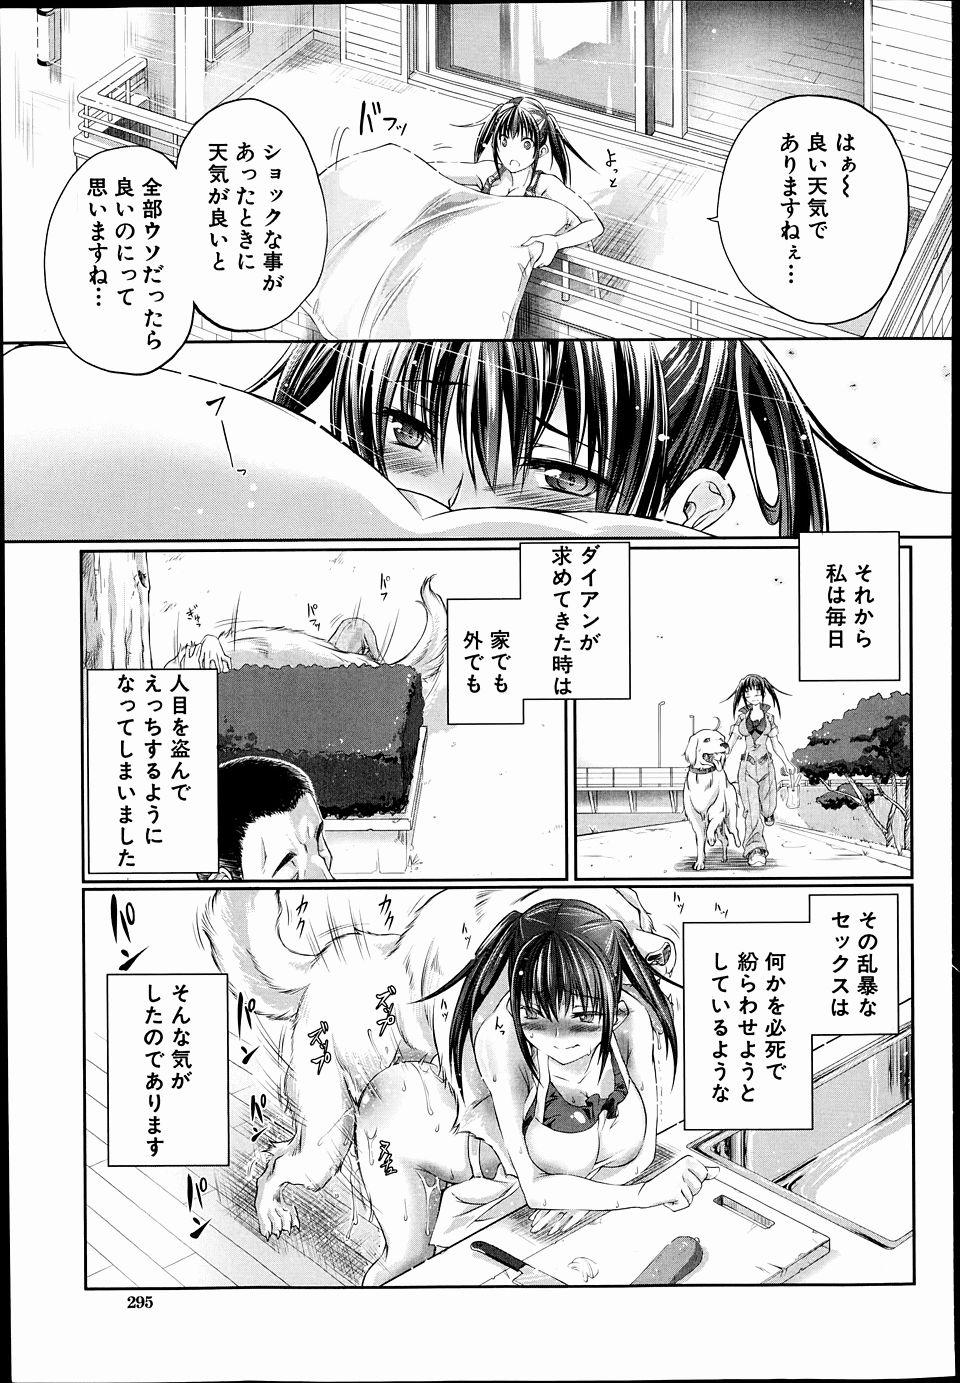 【エロ漫画・エロ同人】何でも屋の巨乳娘が仕事で犬の世話してたらレイプされてるwww (11)